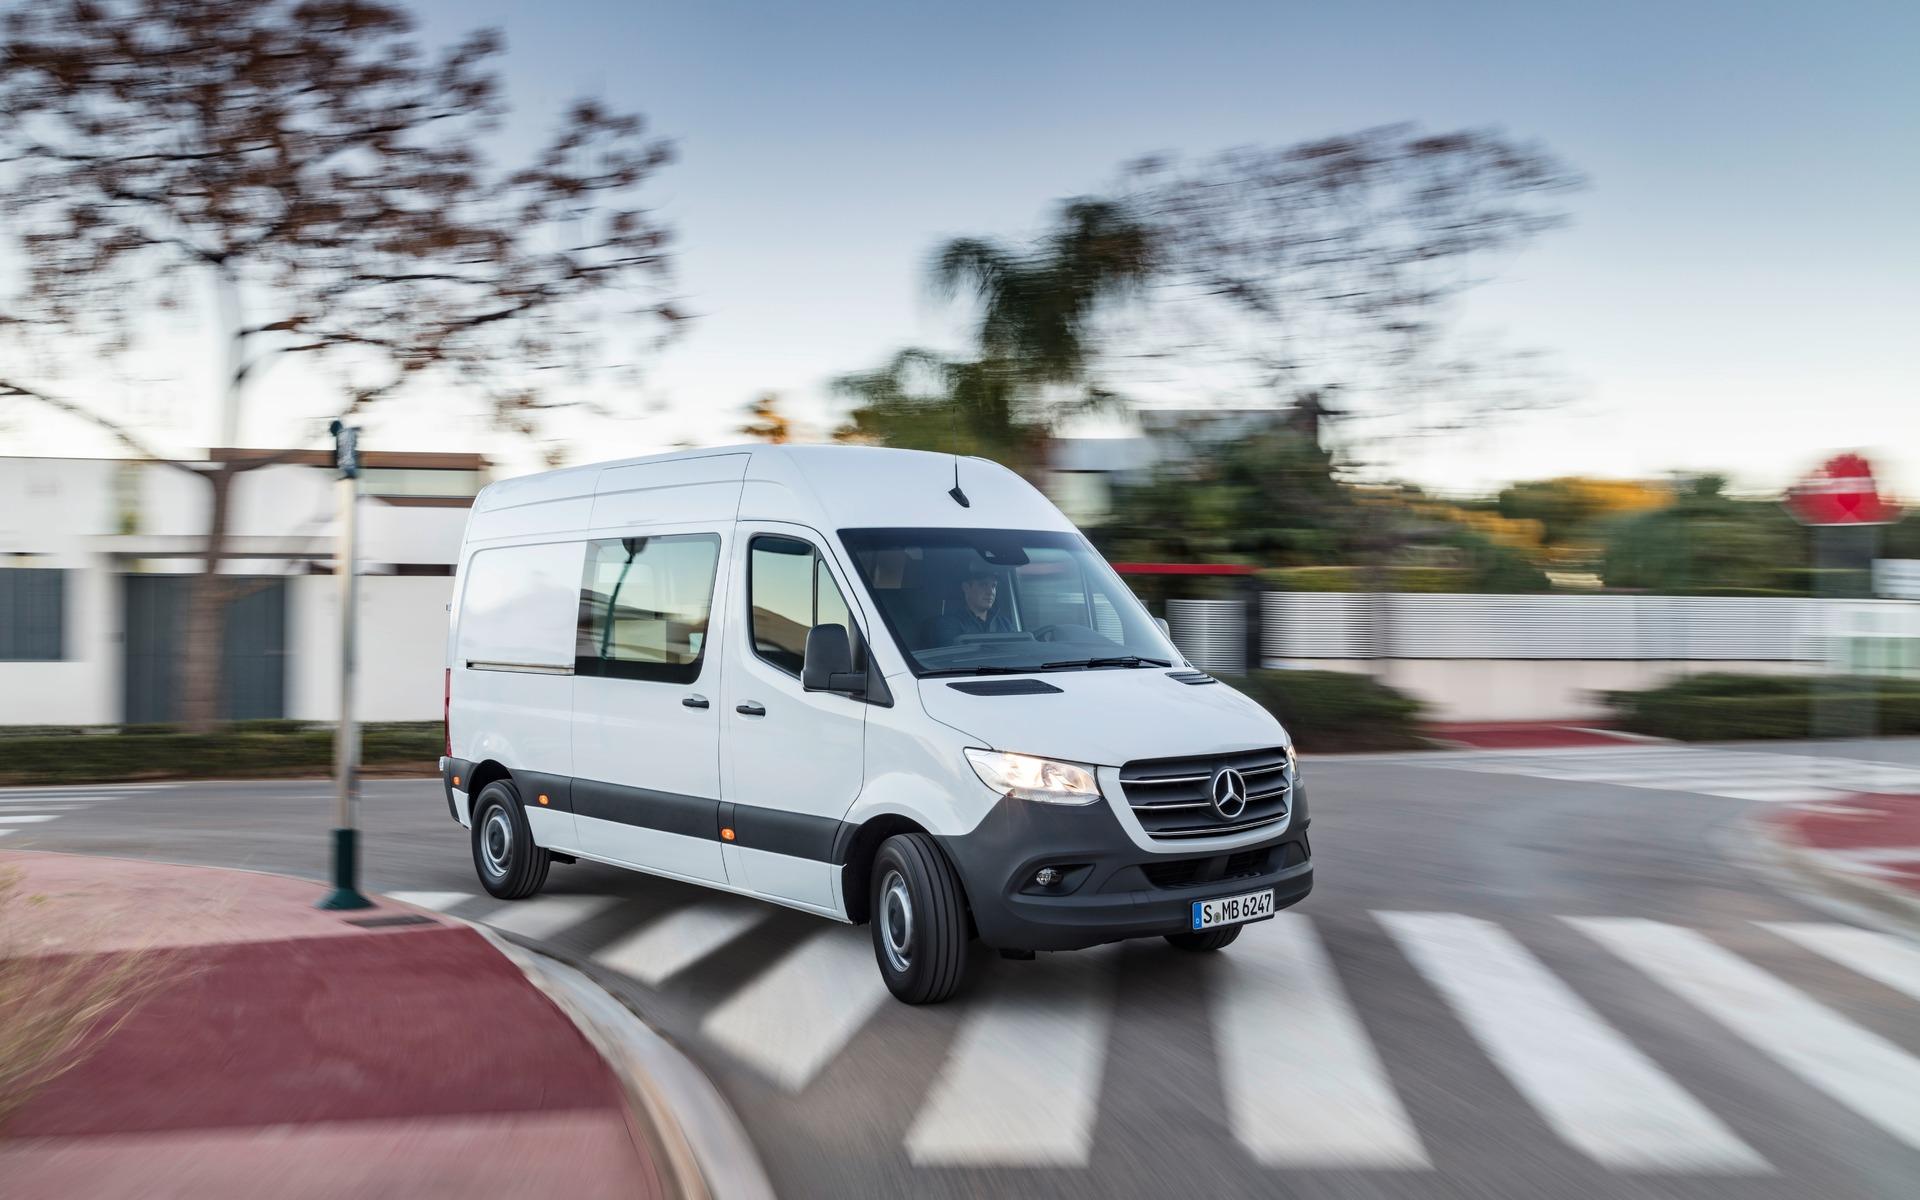 2019 Mercedes Sprinter >> Le Mercedes-Benz Sprinter 2019 dévoilé - 4/31